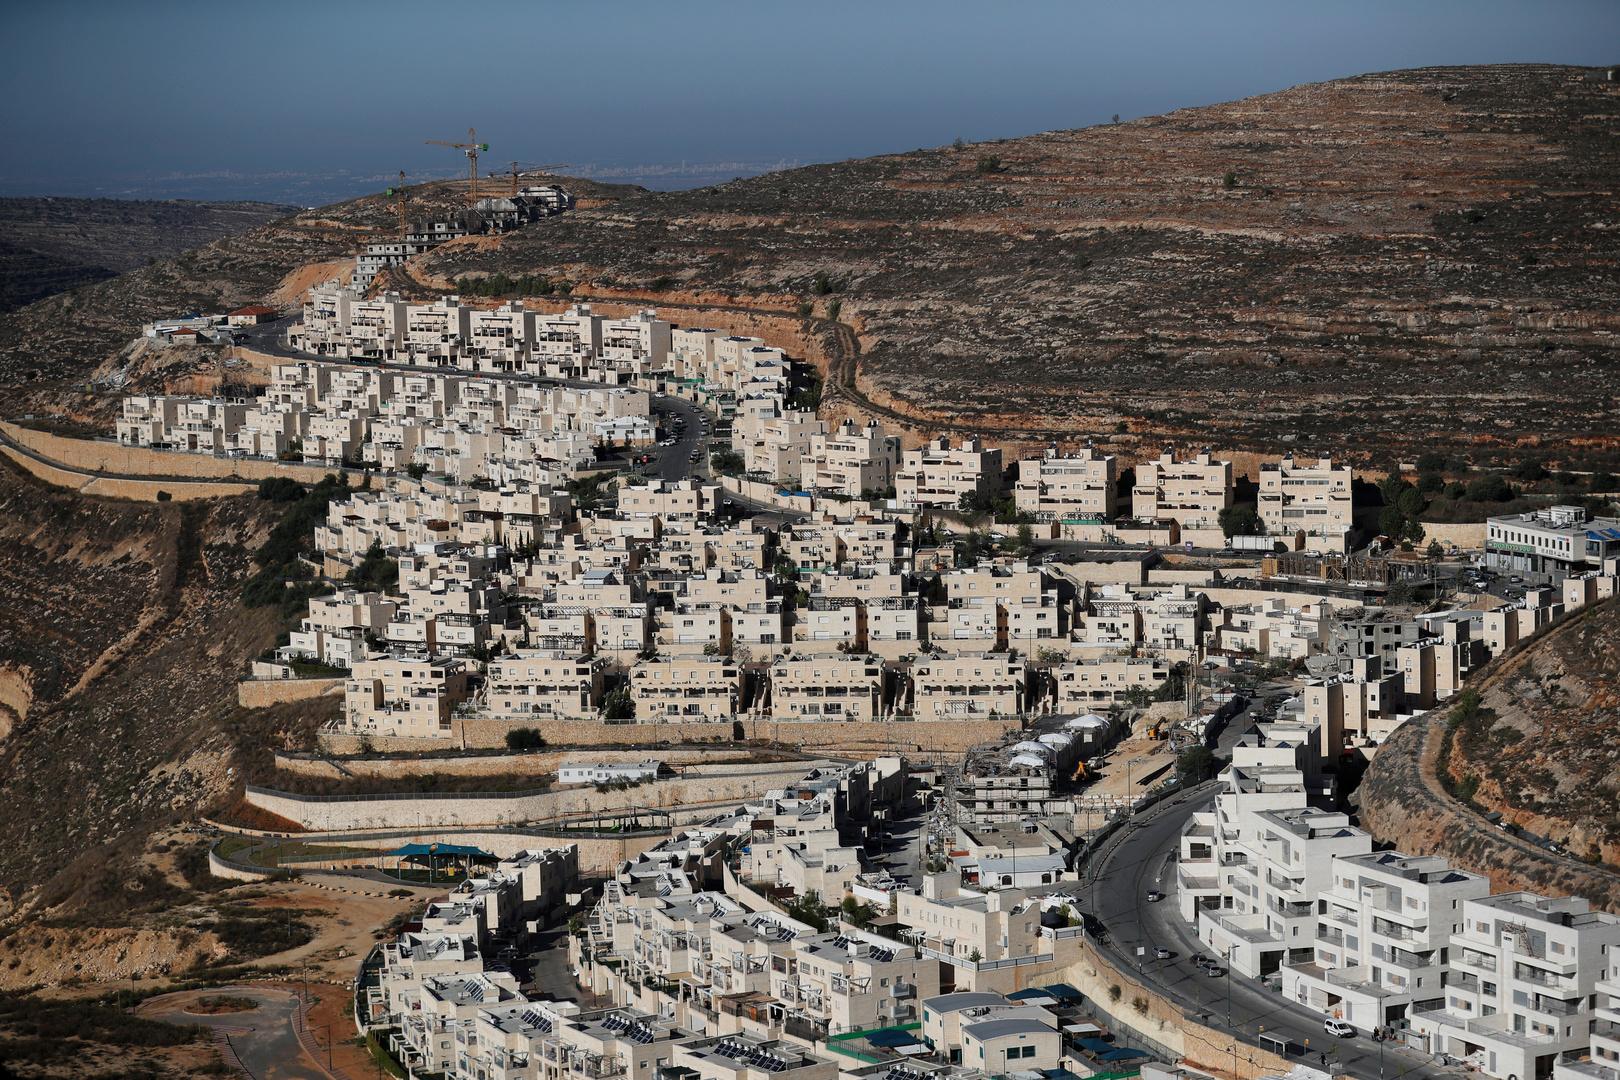 فلسطين: أي خطوة باتجاه ضم أراض من الضفة الغربية لإسرائيل ستكون بمثابة جريمة حرب